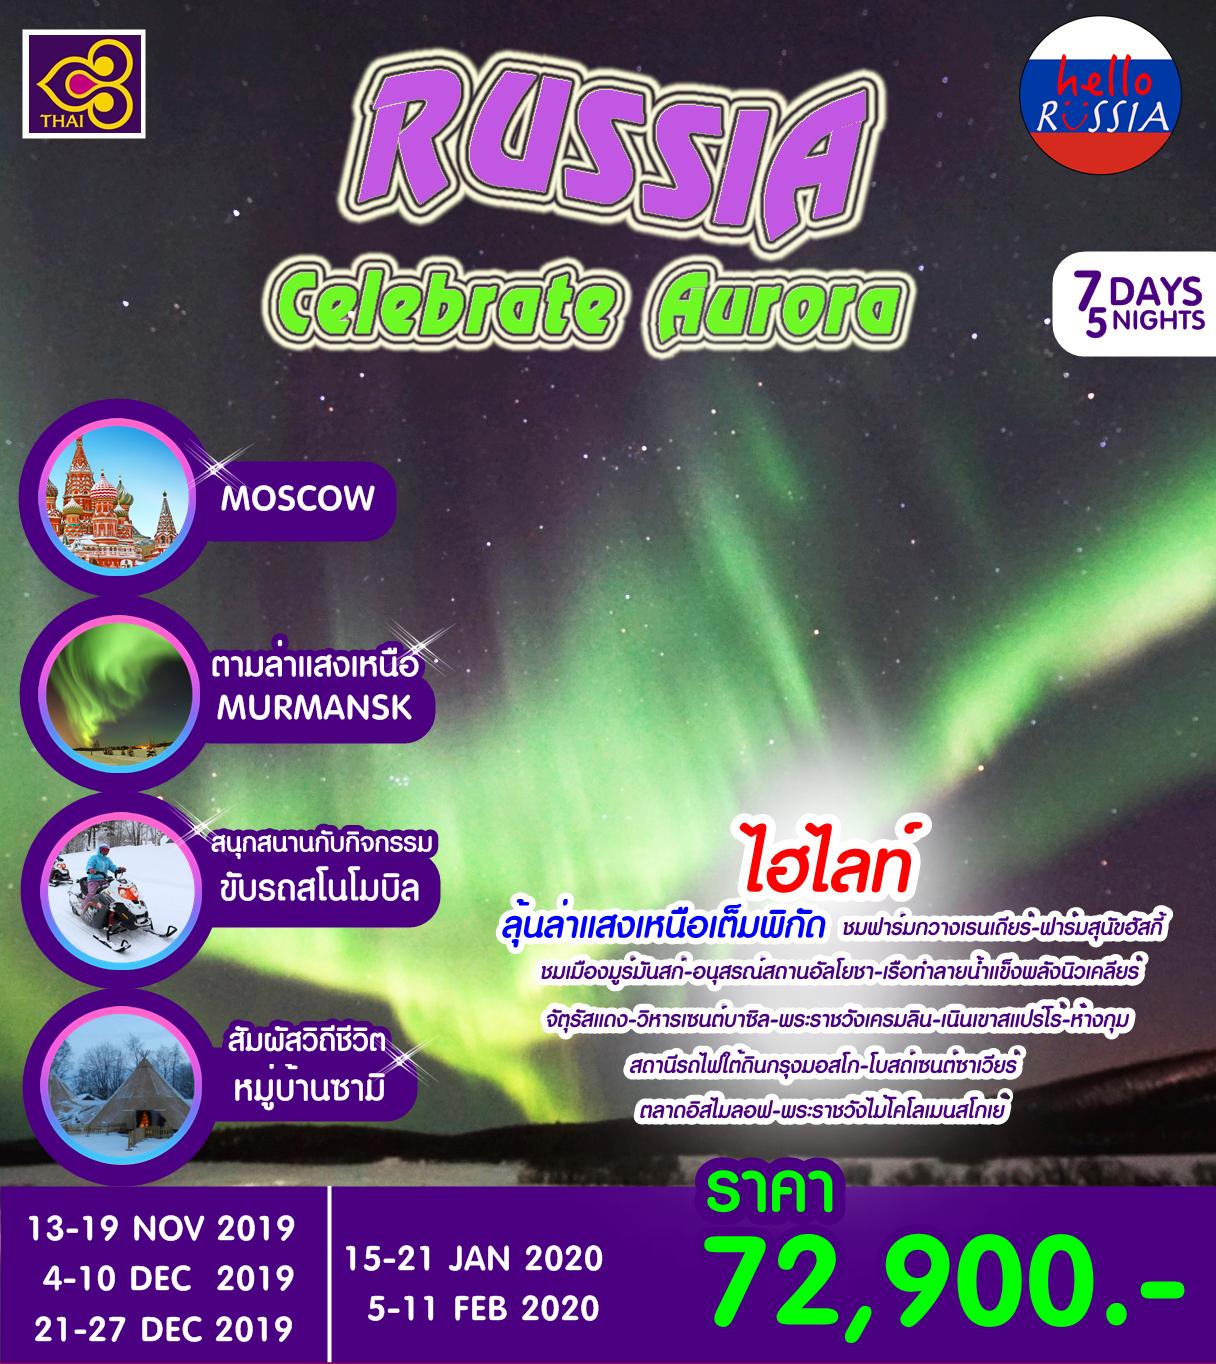 ทัวร์รัสเซียแสงเหนือบินตรง มูร์มันสก์  มอสโคว์  Russia Celebrate Aurora (TG)